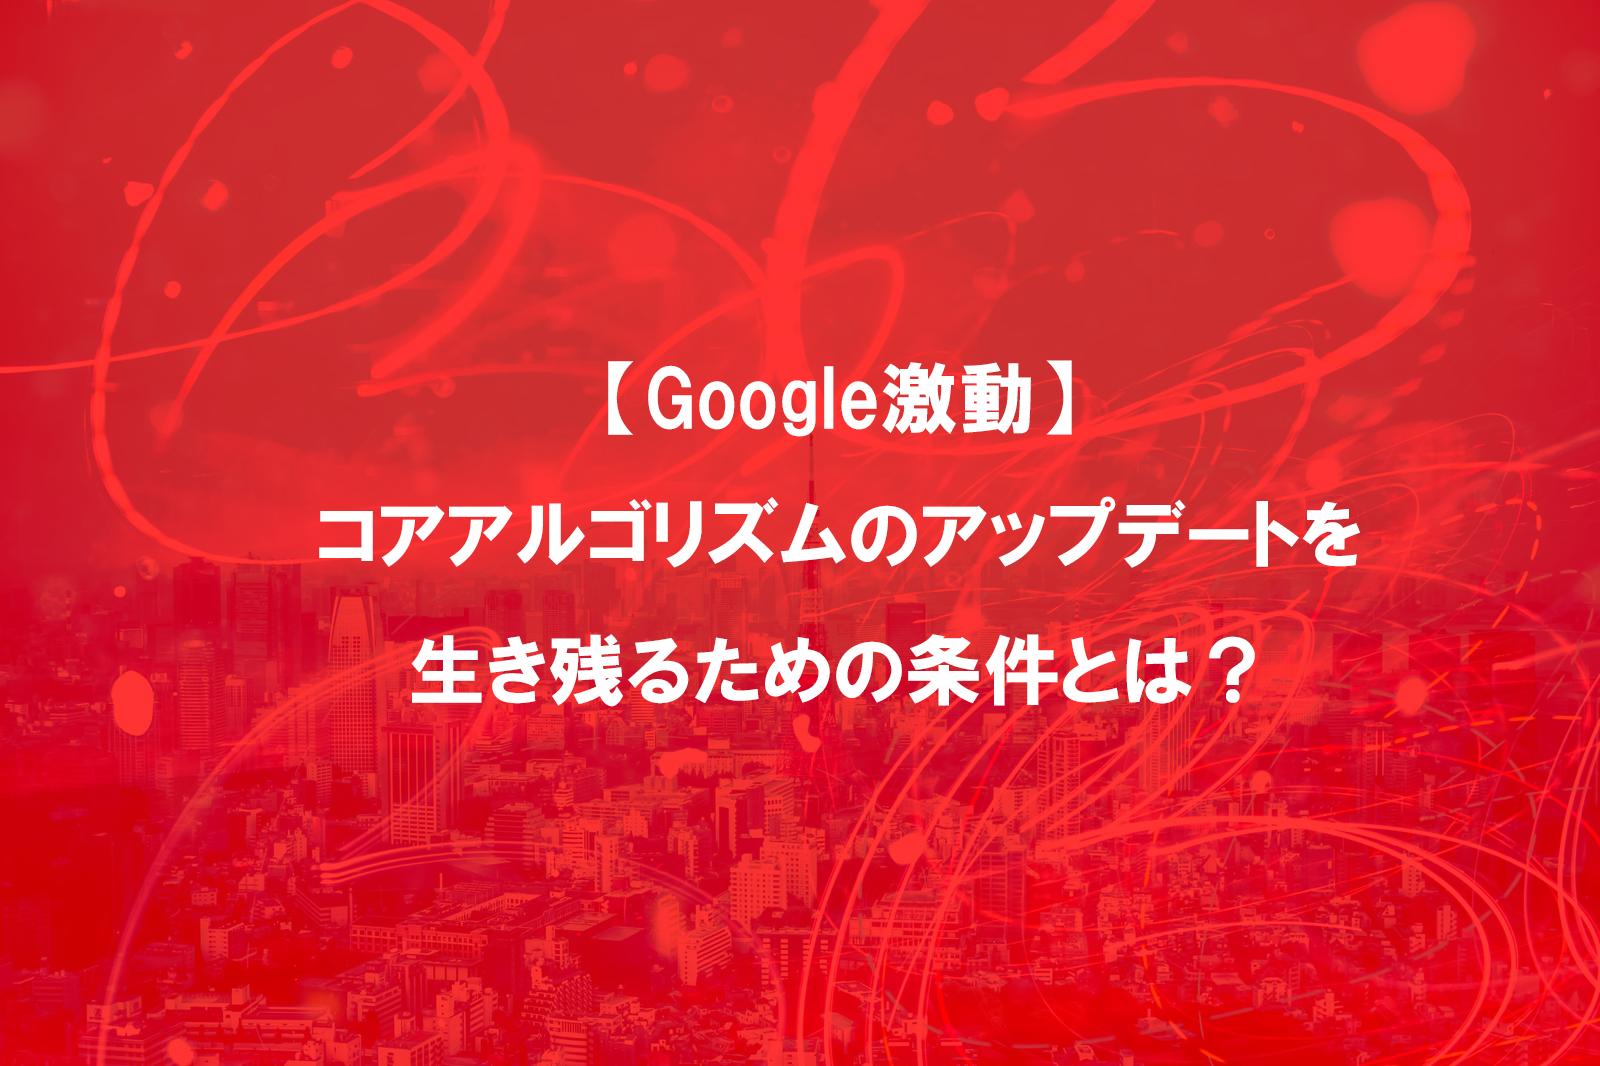 【Google激動】コアアルゴリズムのアップデートを生き残るための条件とは?